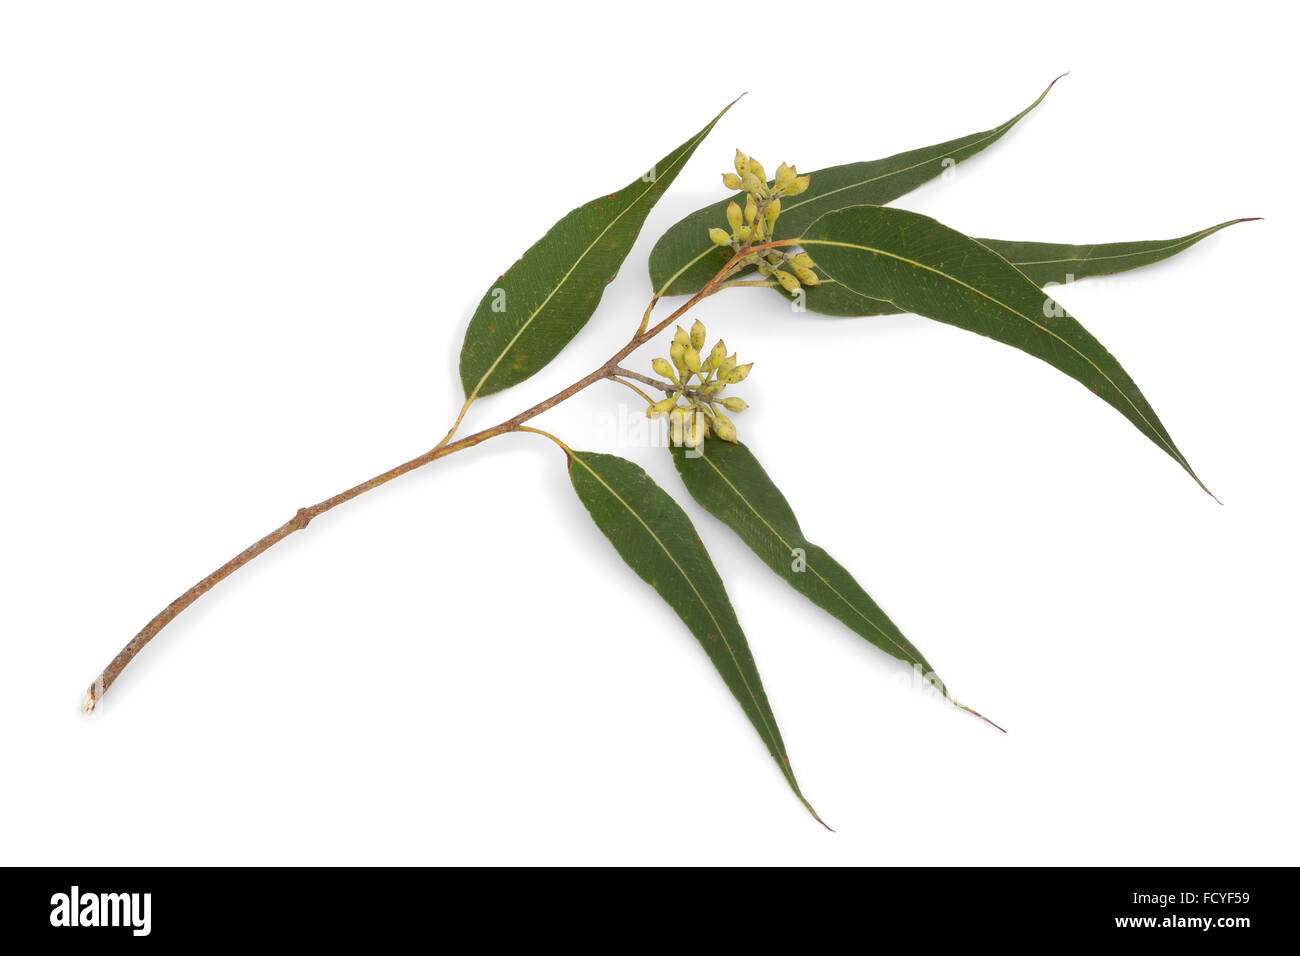 Rama de eucalipto y hojas sobre fondo blanco. Imagen De Stock